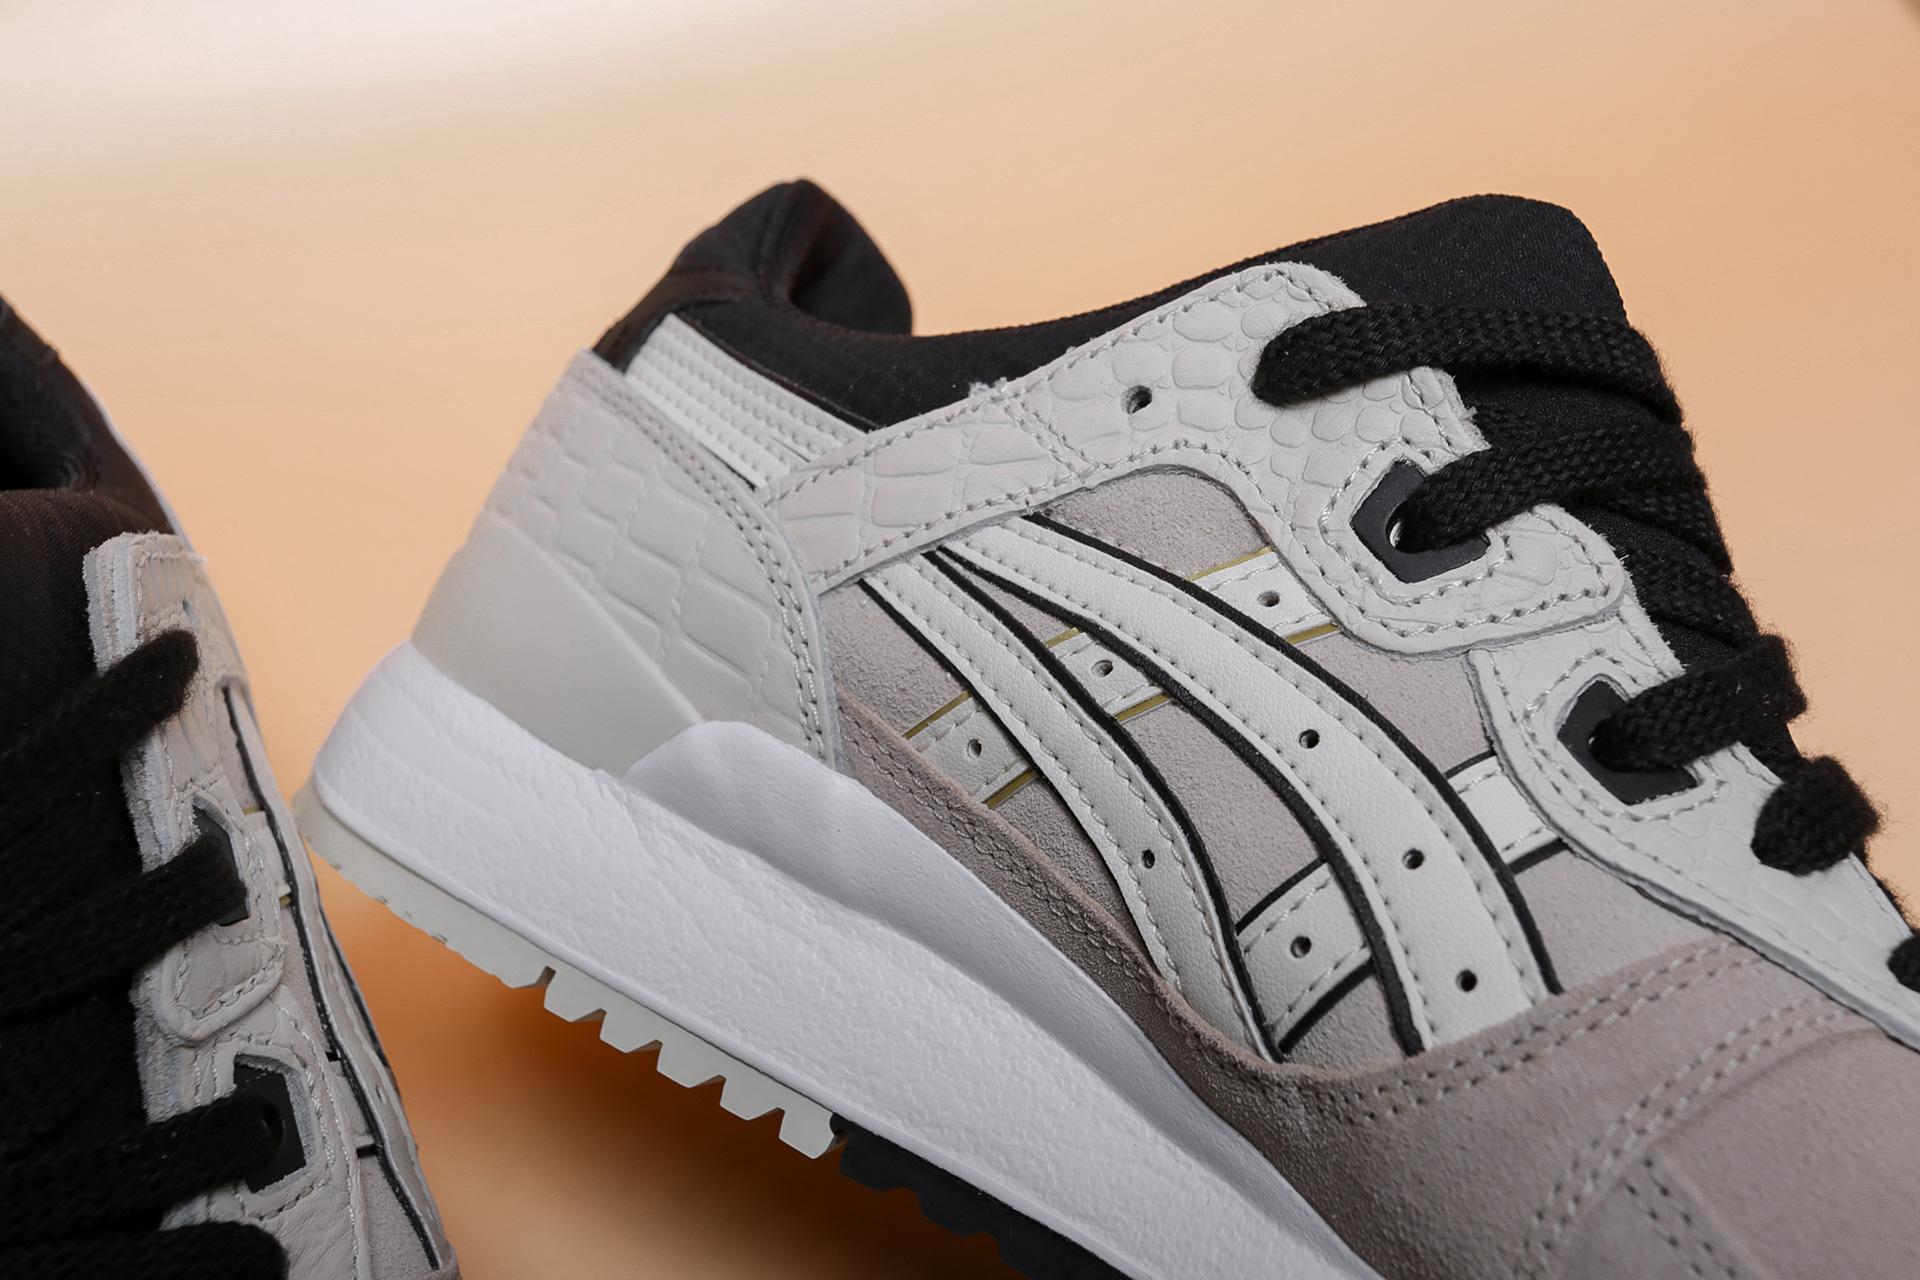 ... Купить мужские бежевые кроссовки ASICS Gel-Lyte III - фото 5 картинки 38a1f5dca0425